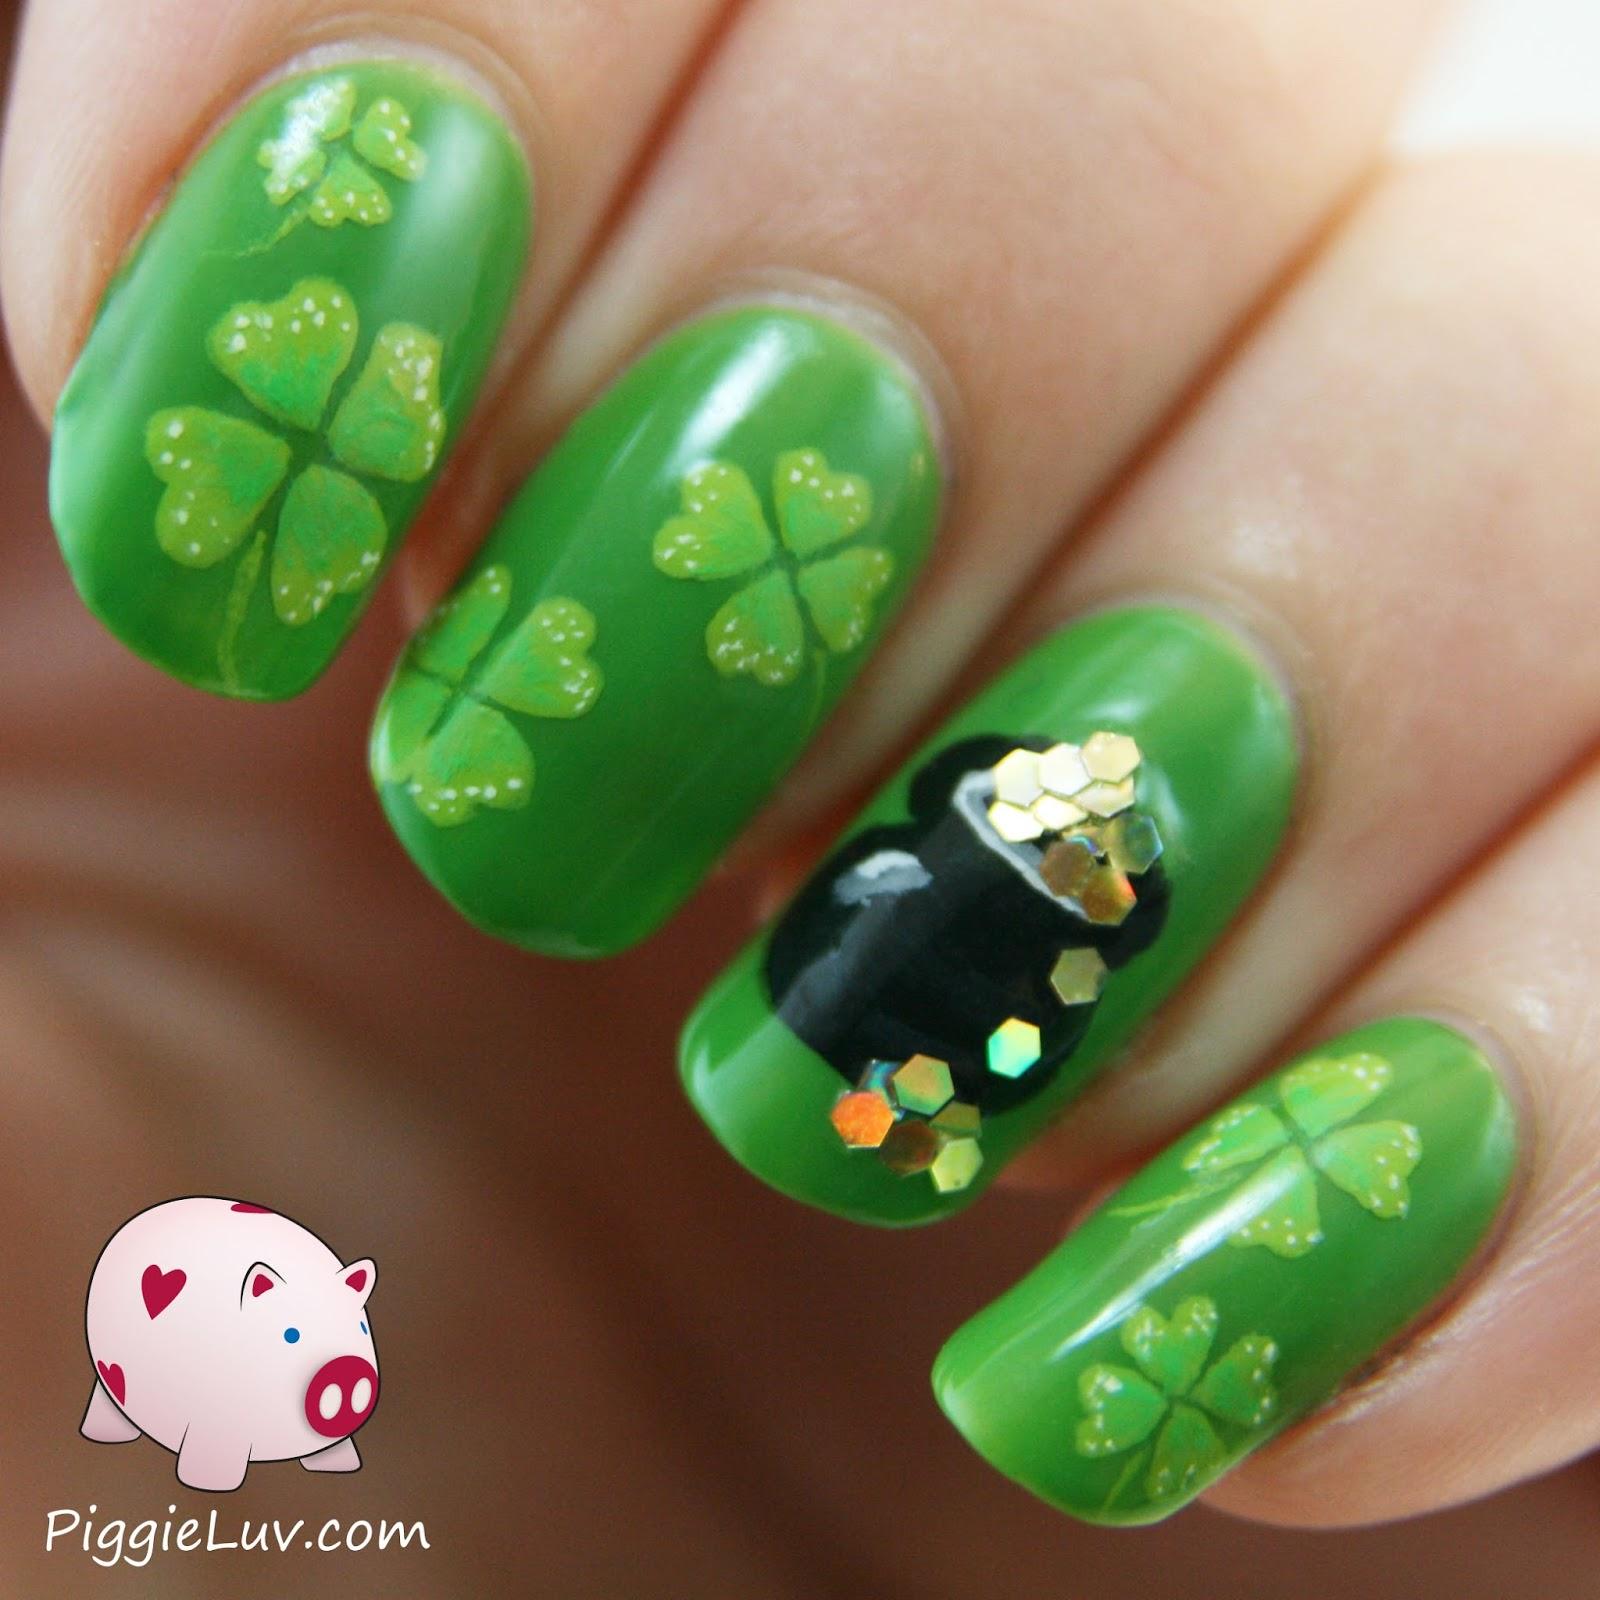 PiggieLuv: St. Patrick39;s Day nail art